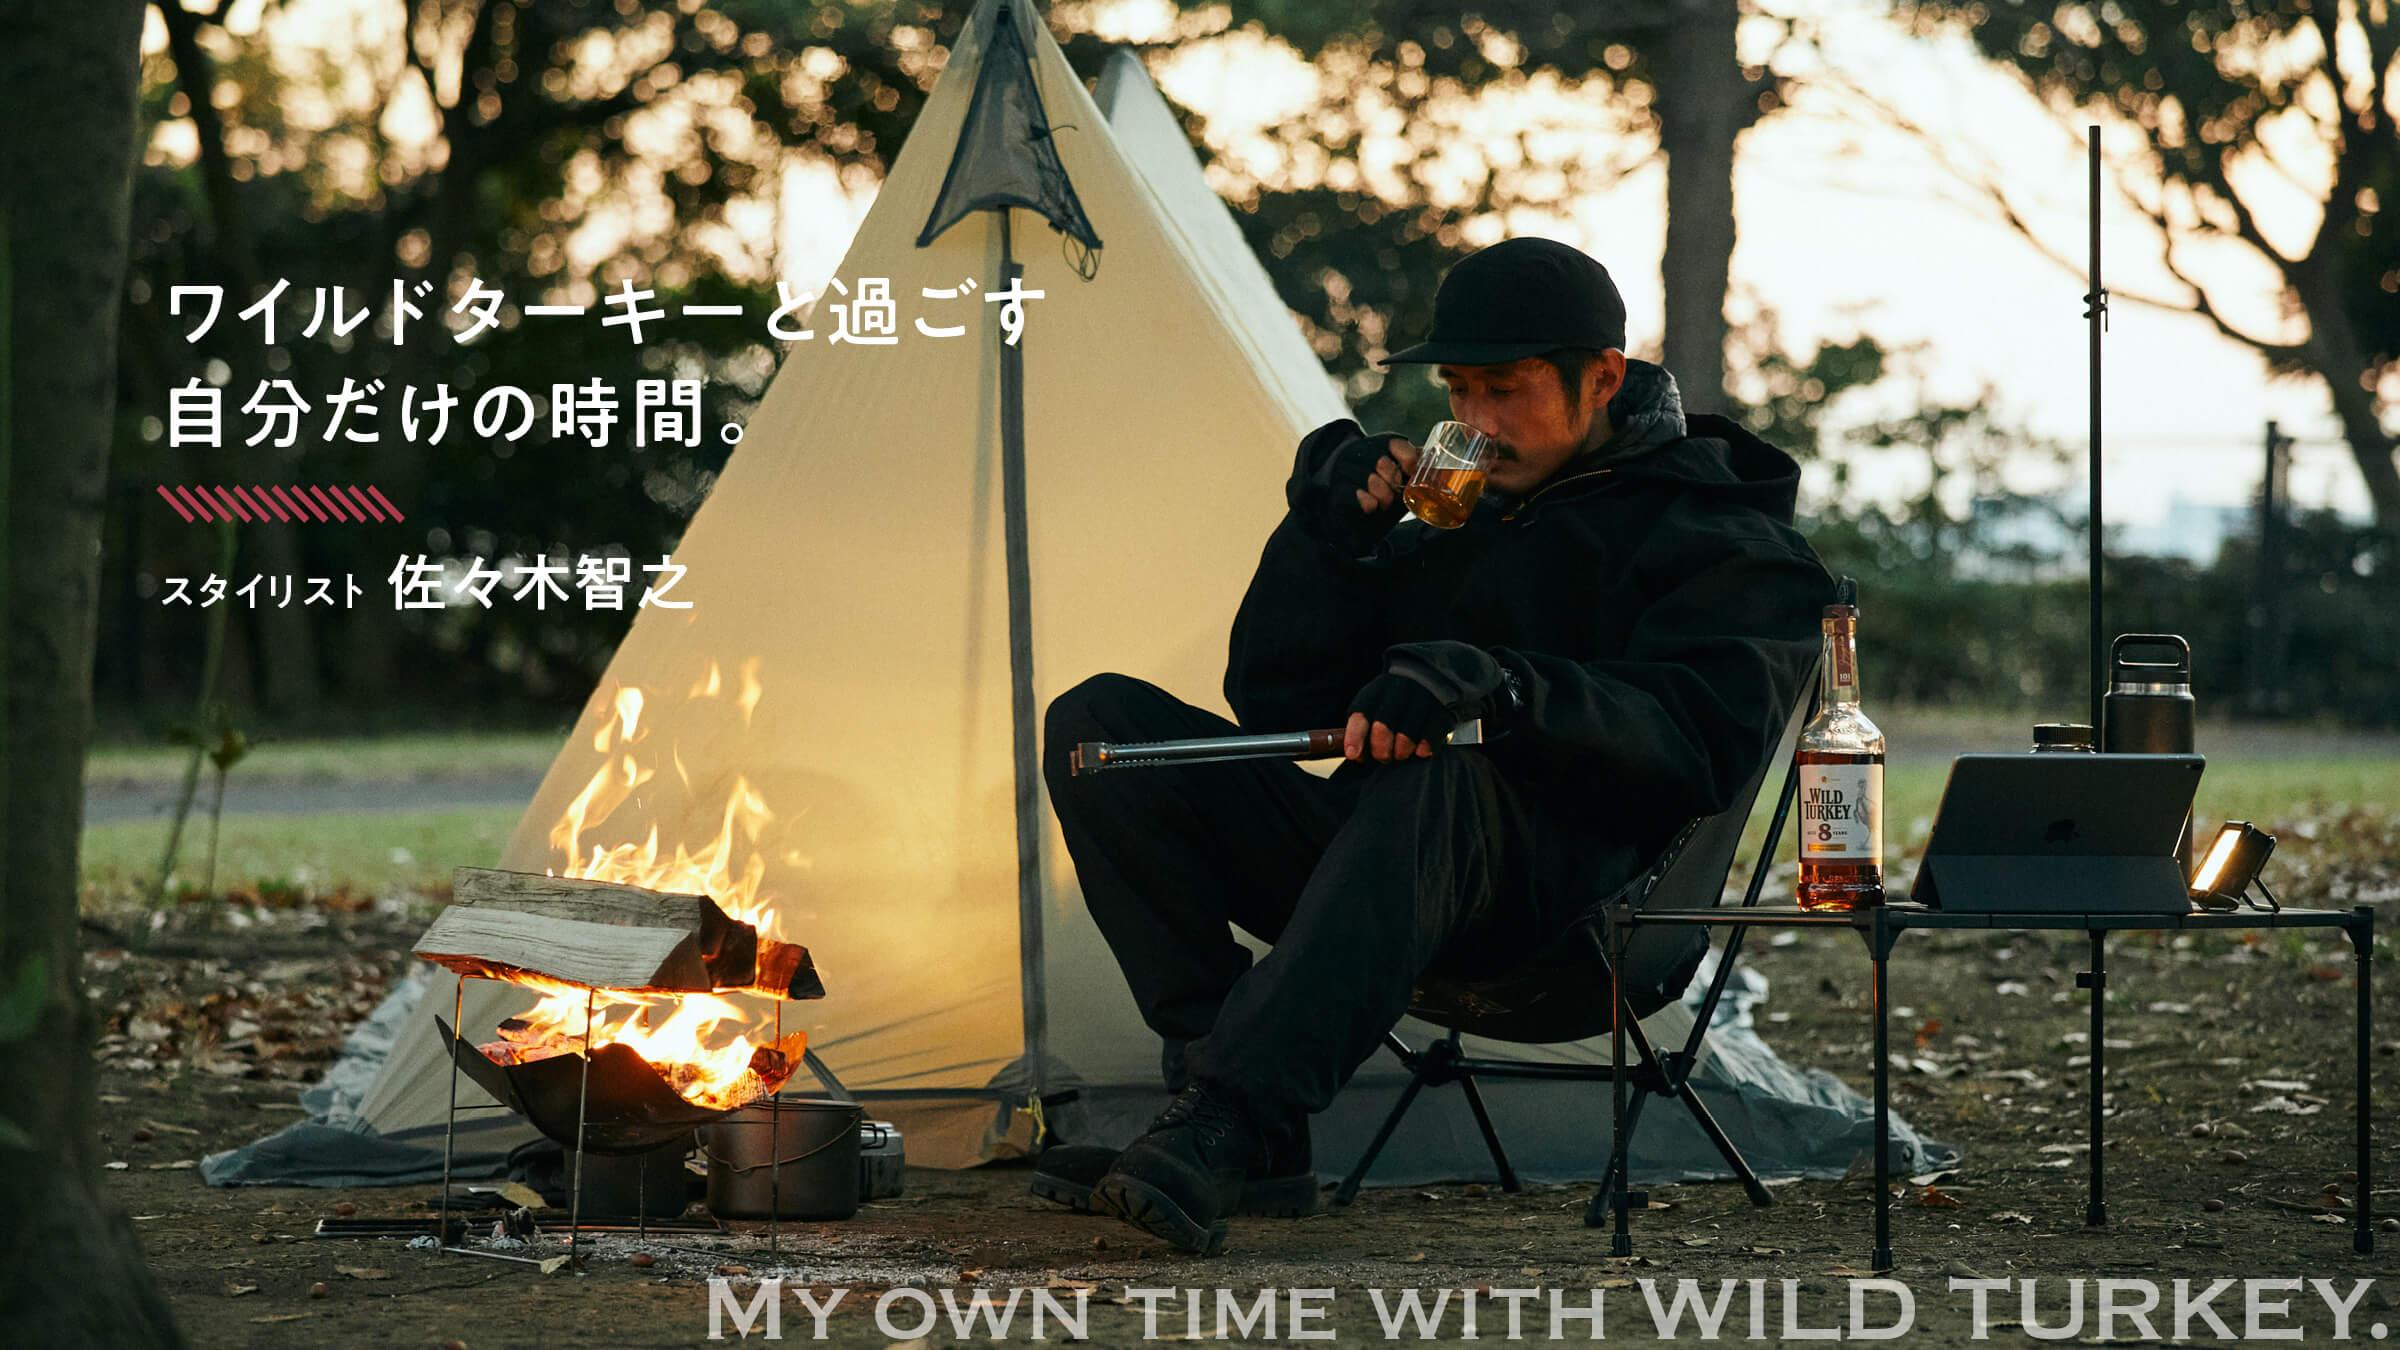 ワイルドターキーと過ごす自分だけの時間。スタイリスト佐々木智之。